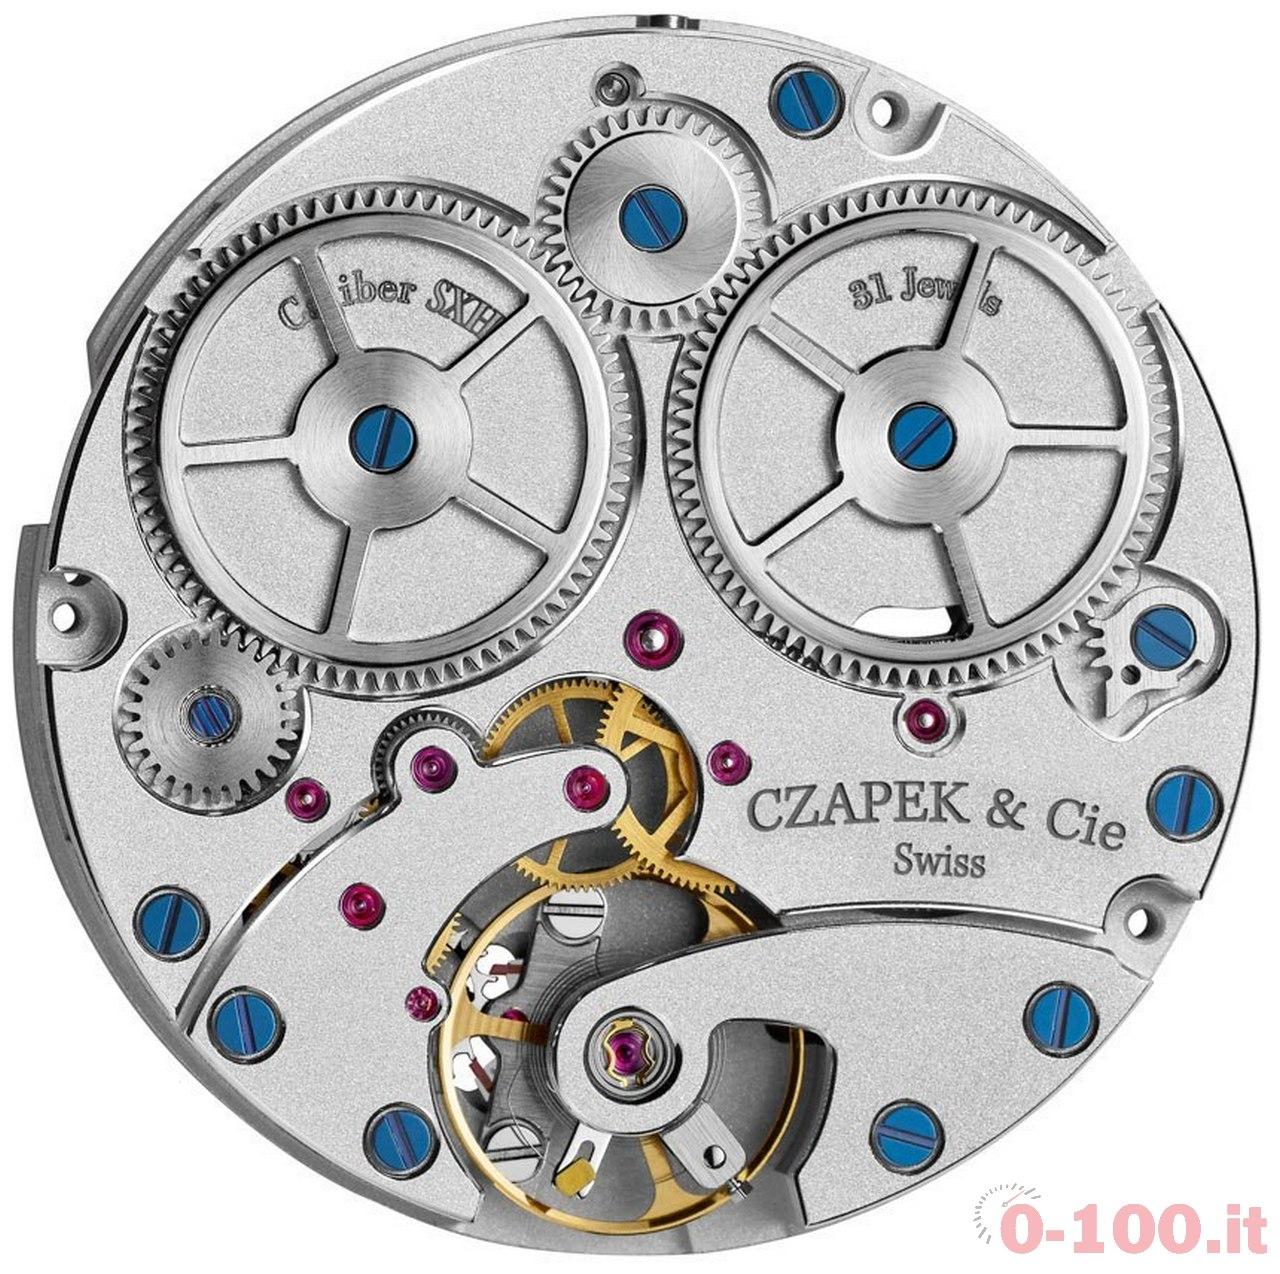 czapek-cie-quai-des-bergues-collection-prezzo-price_0-1006